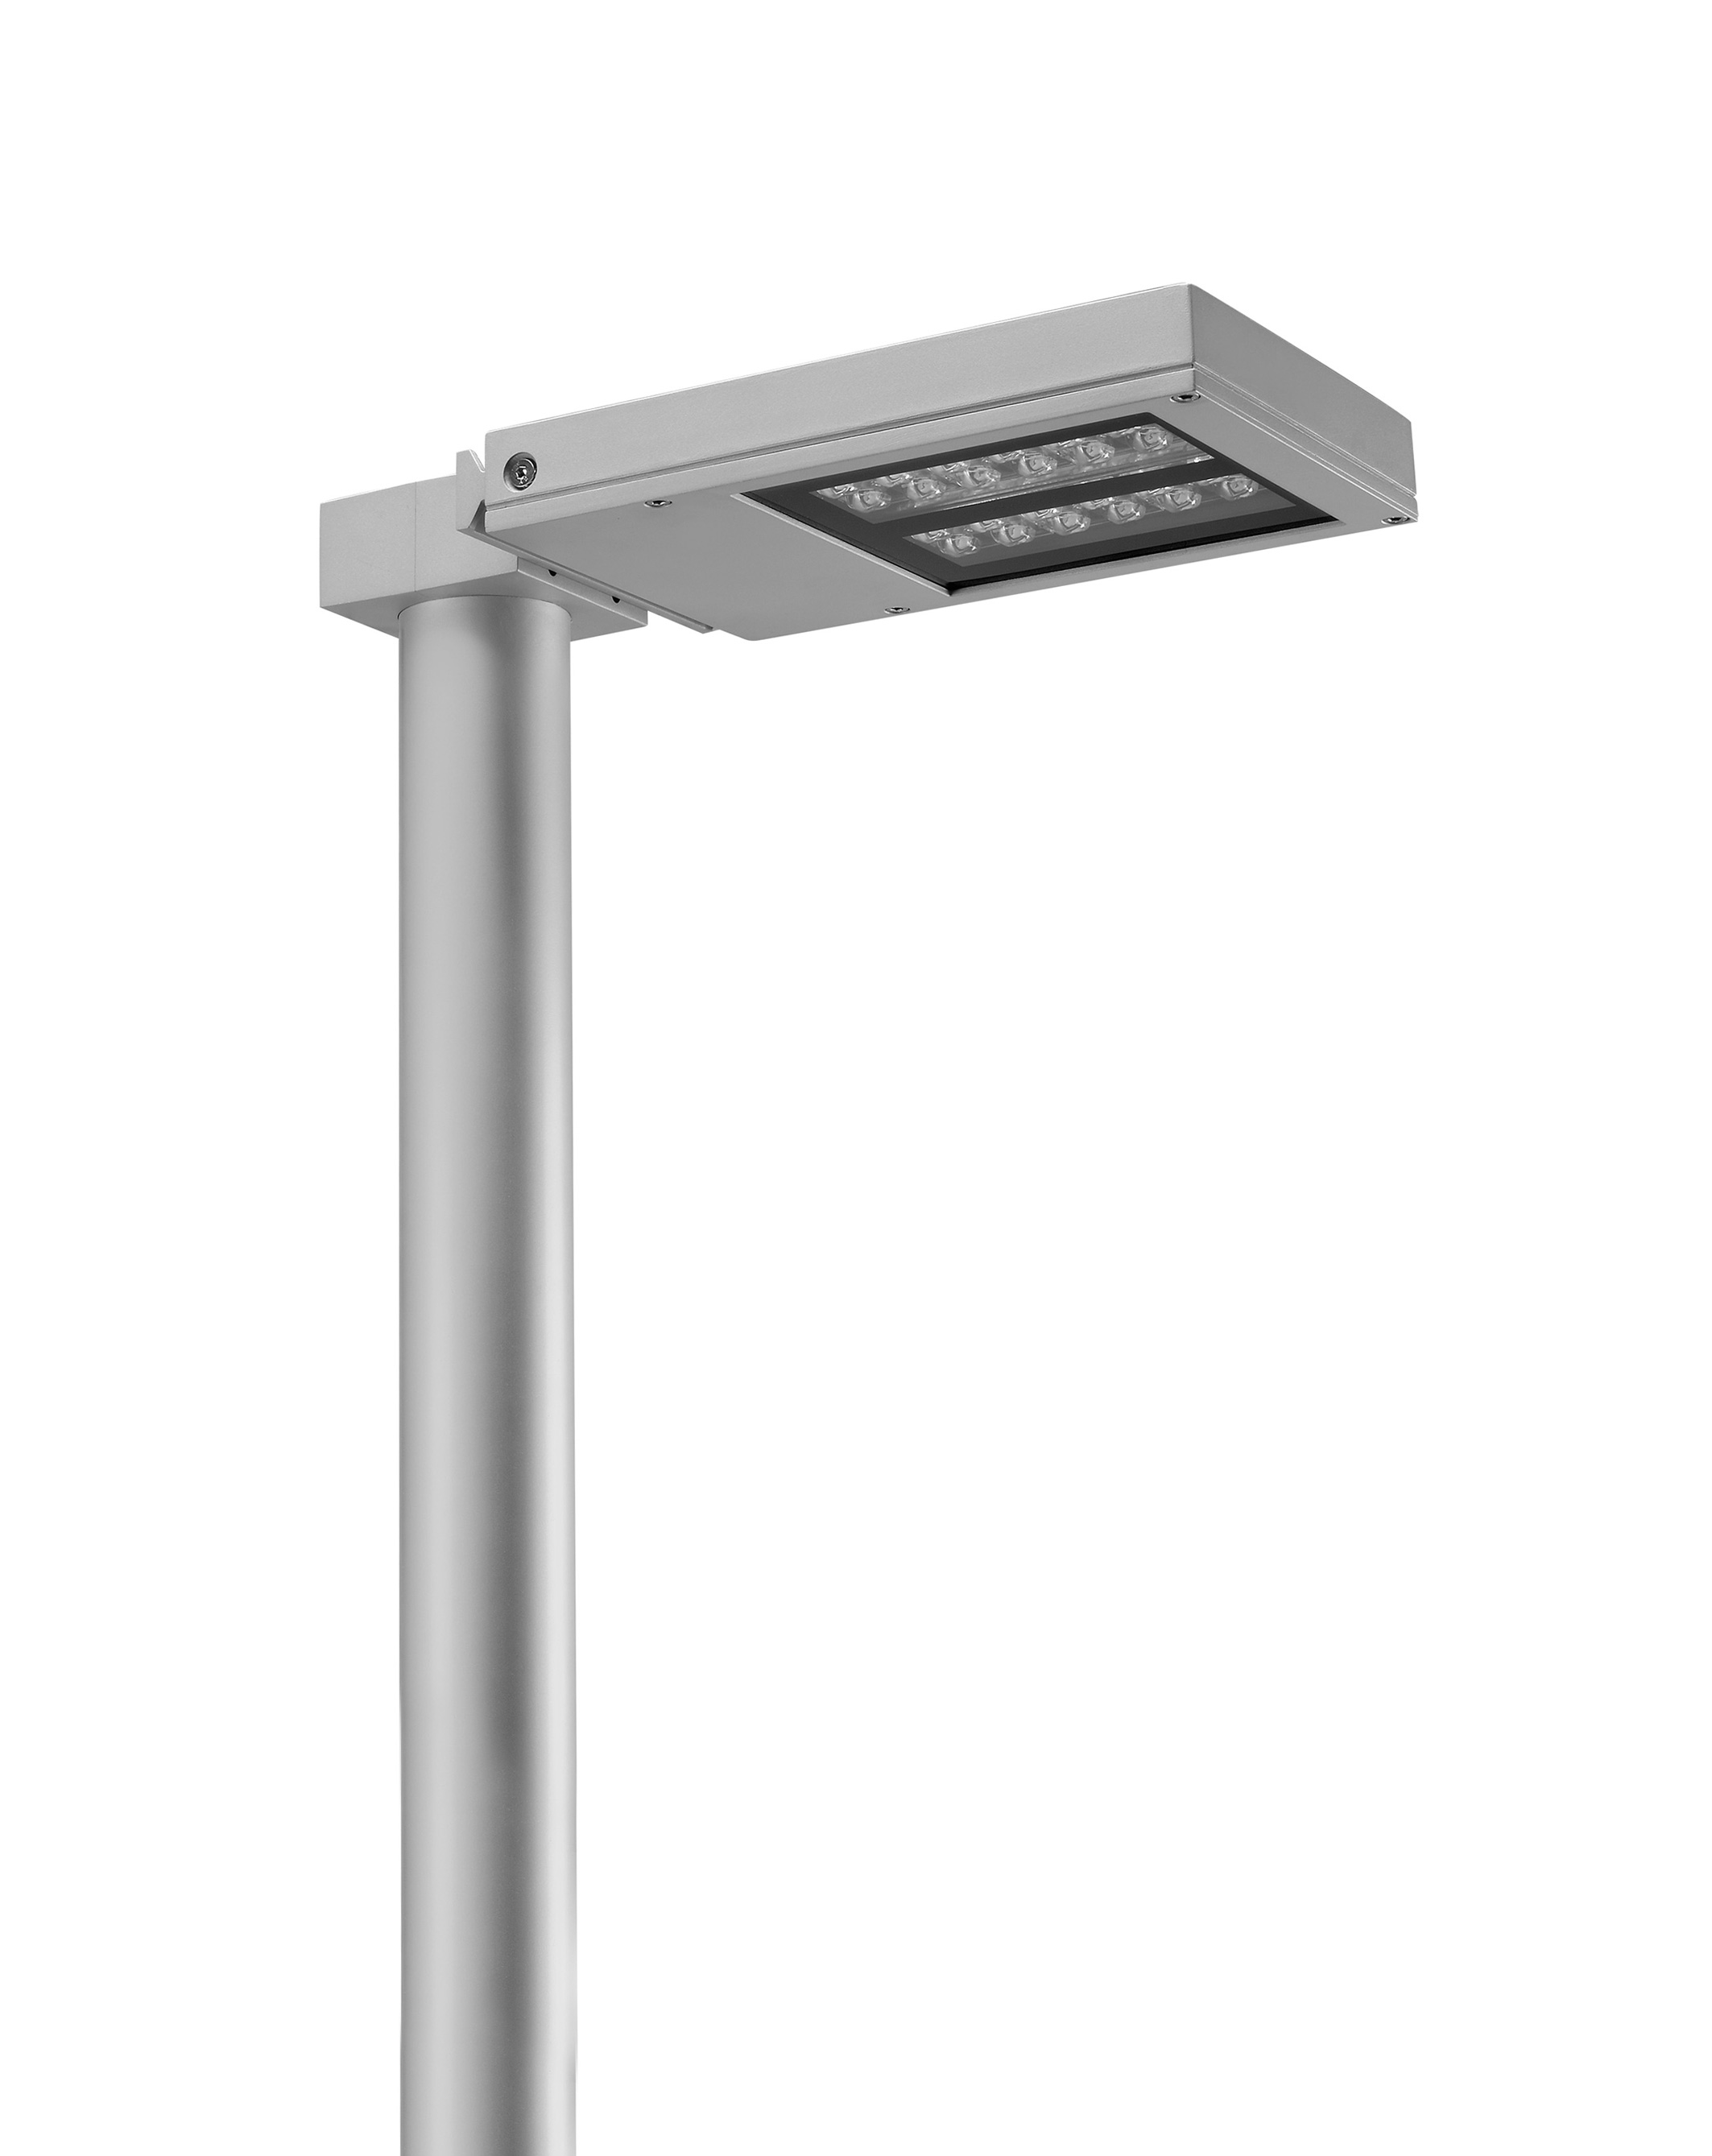 807002-807005 RING POLE MEDIUM LED 5